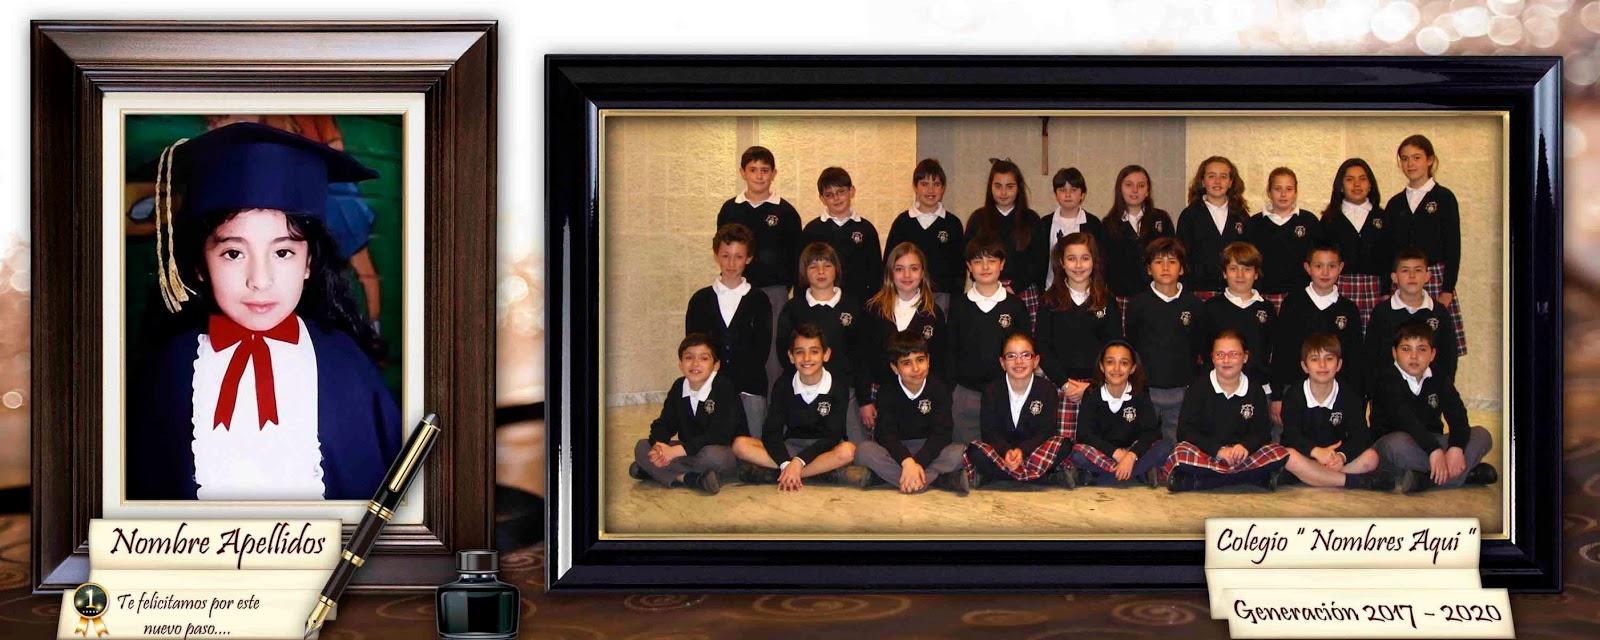 Marco para fotos de graduación - Plantillas para Photoshop 2014